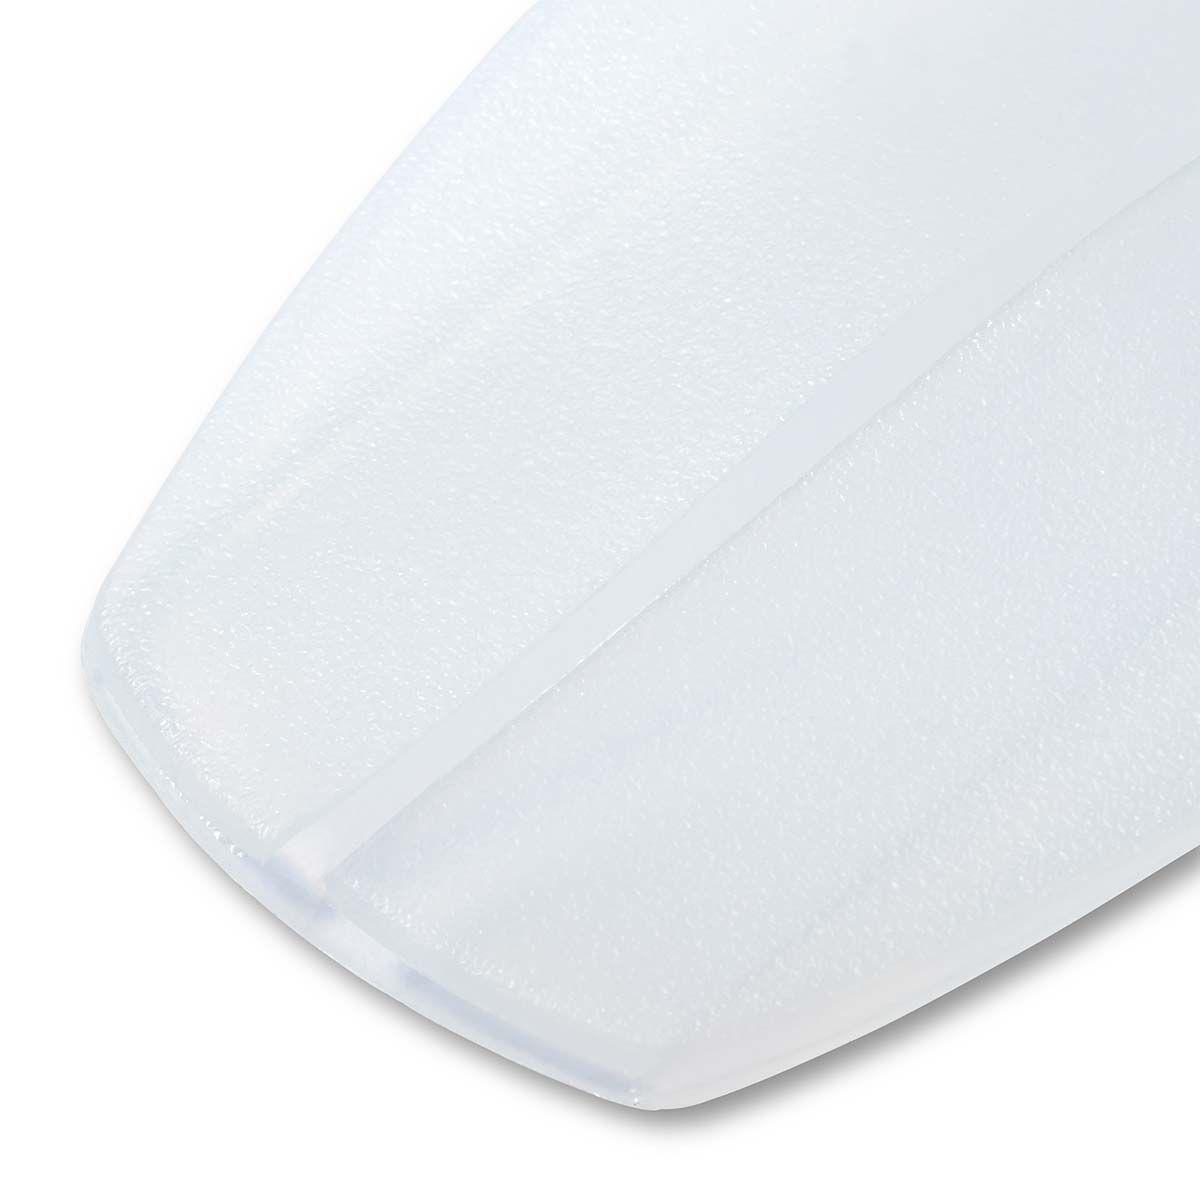 Rembourrages de bretelles en silicone